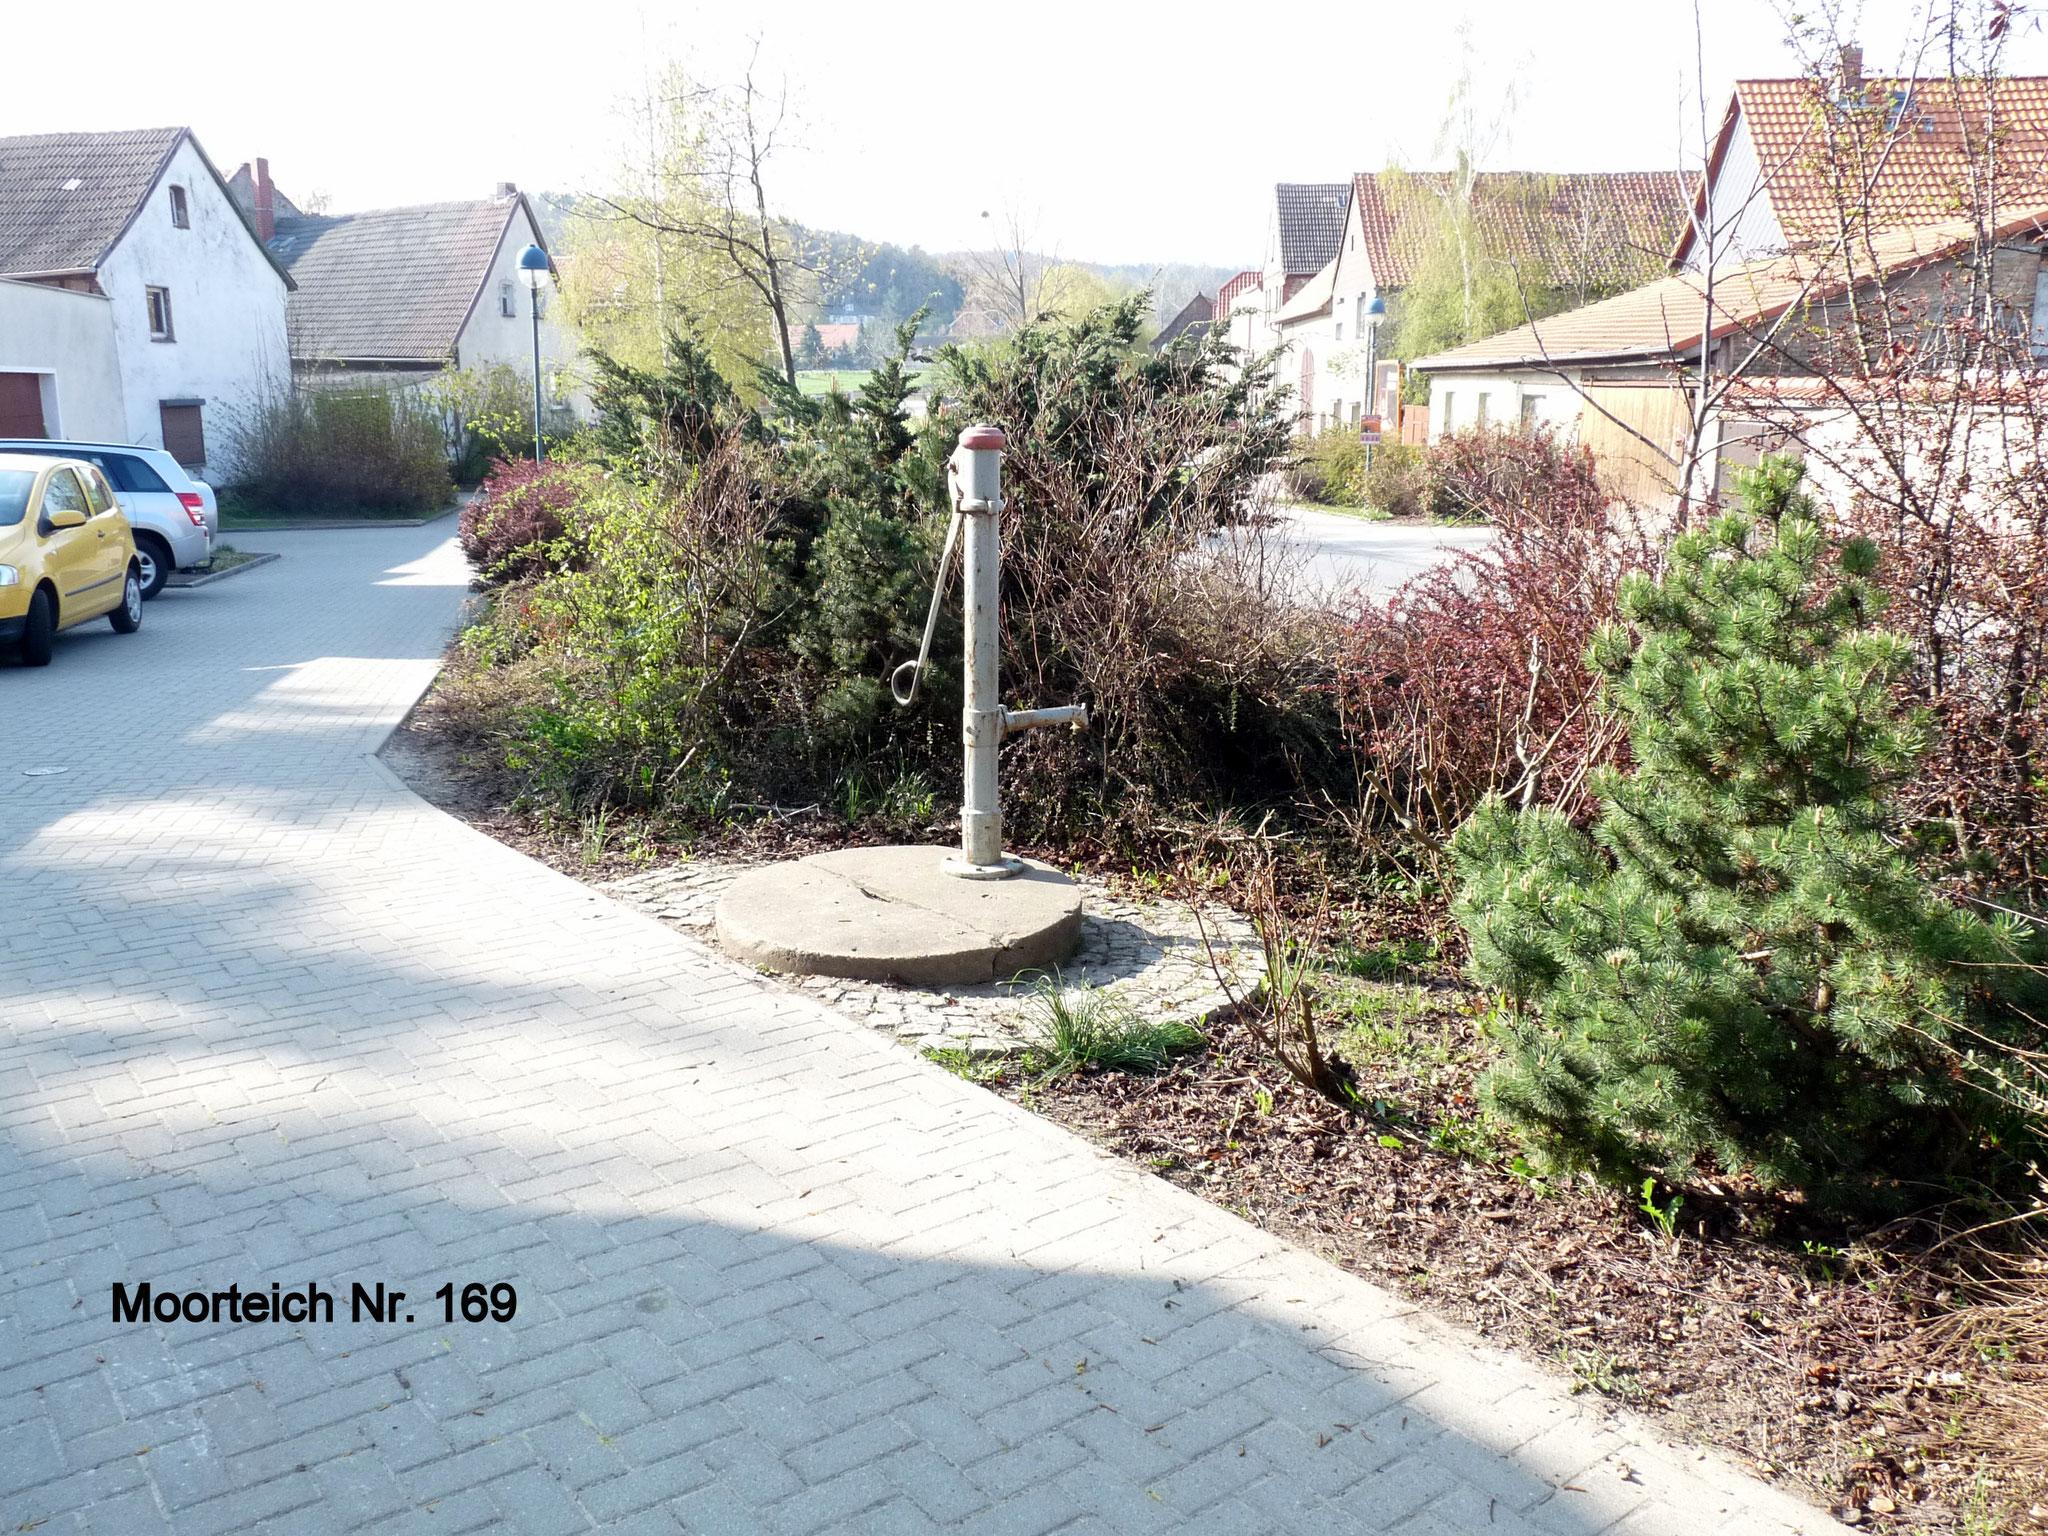 Str. d. Friedens/ Moorteich 169